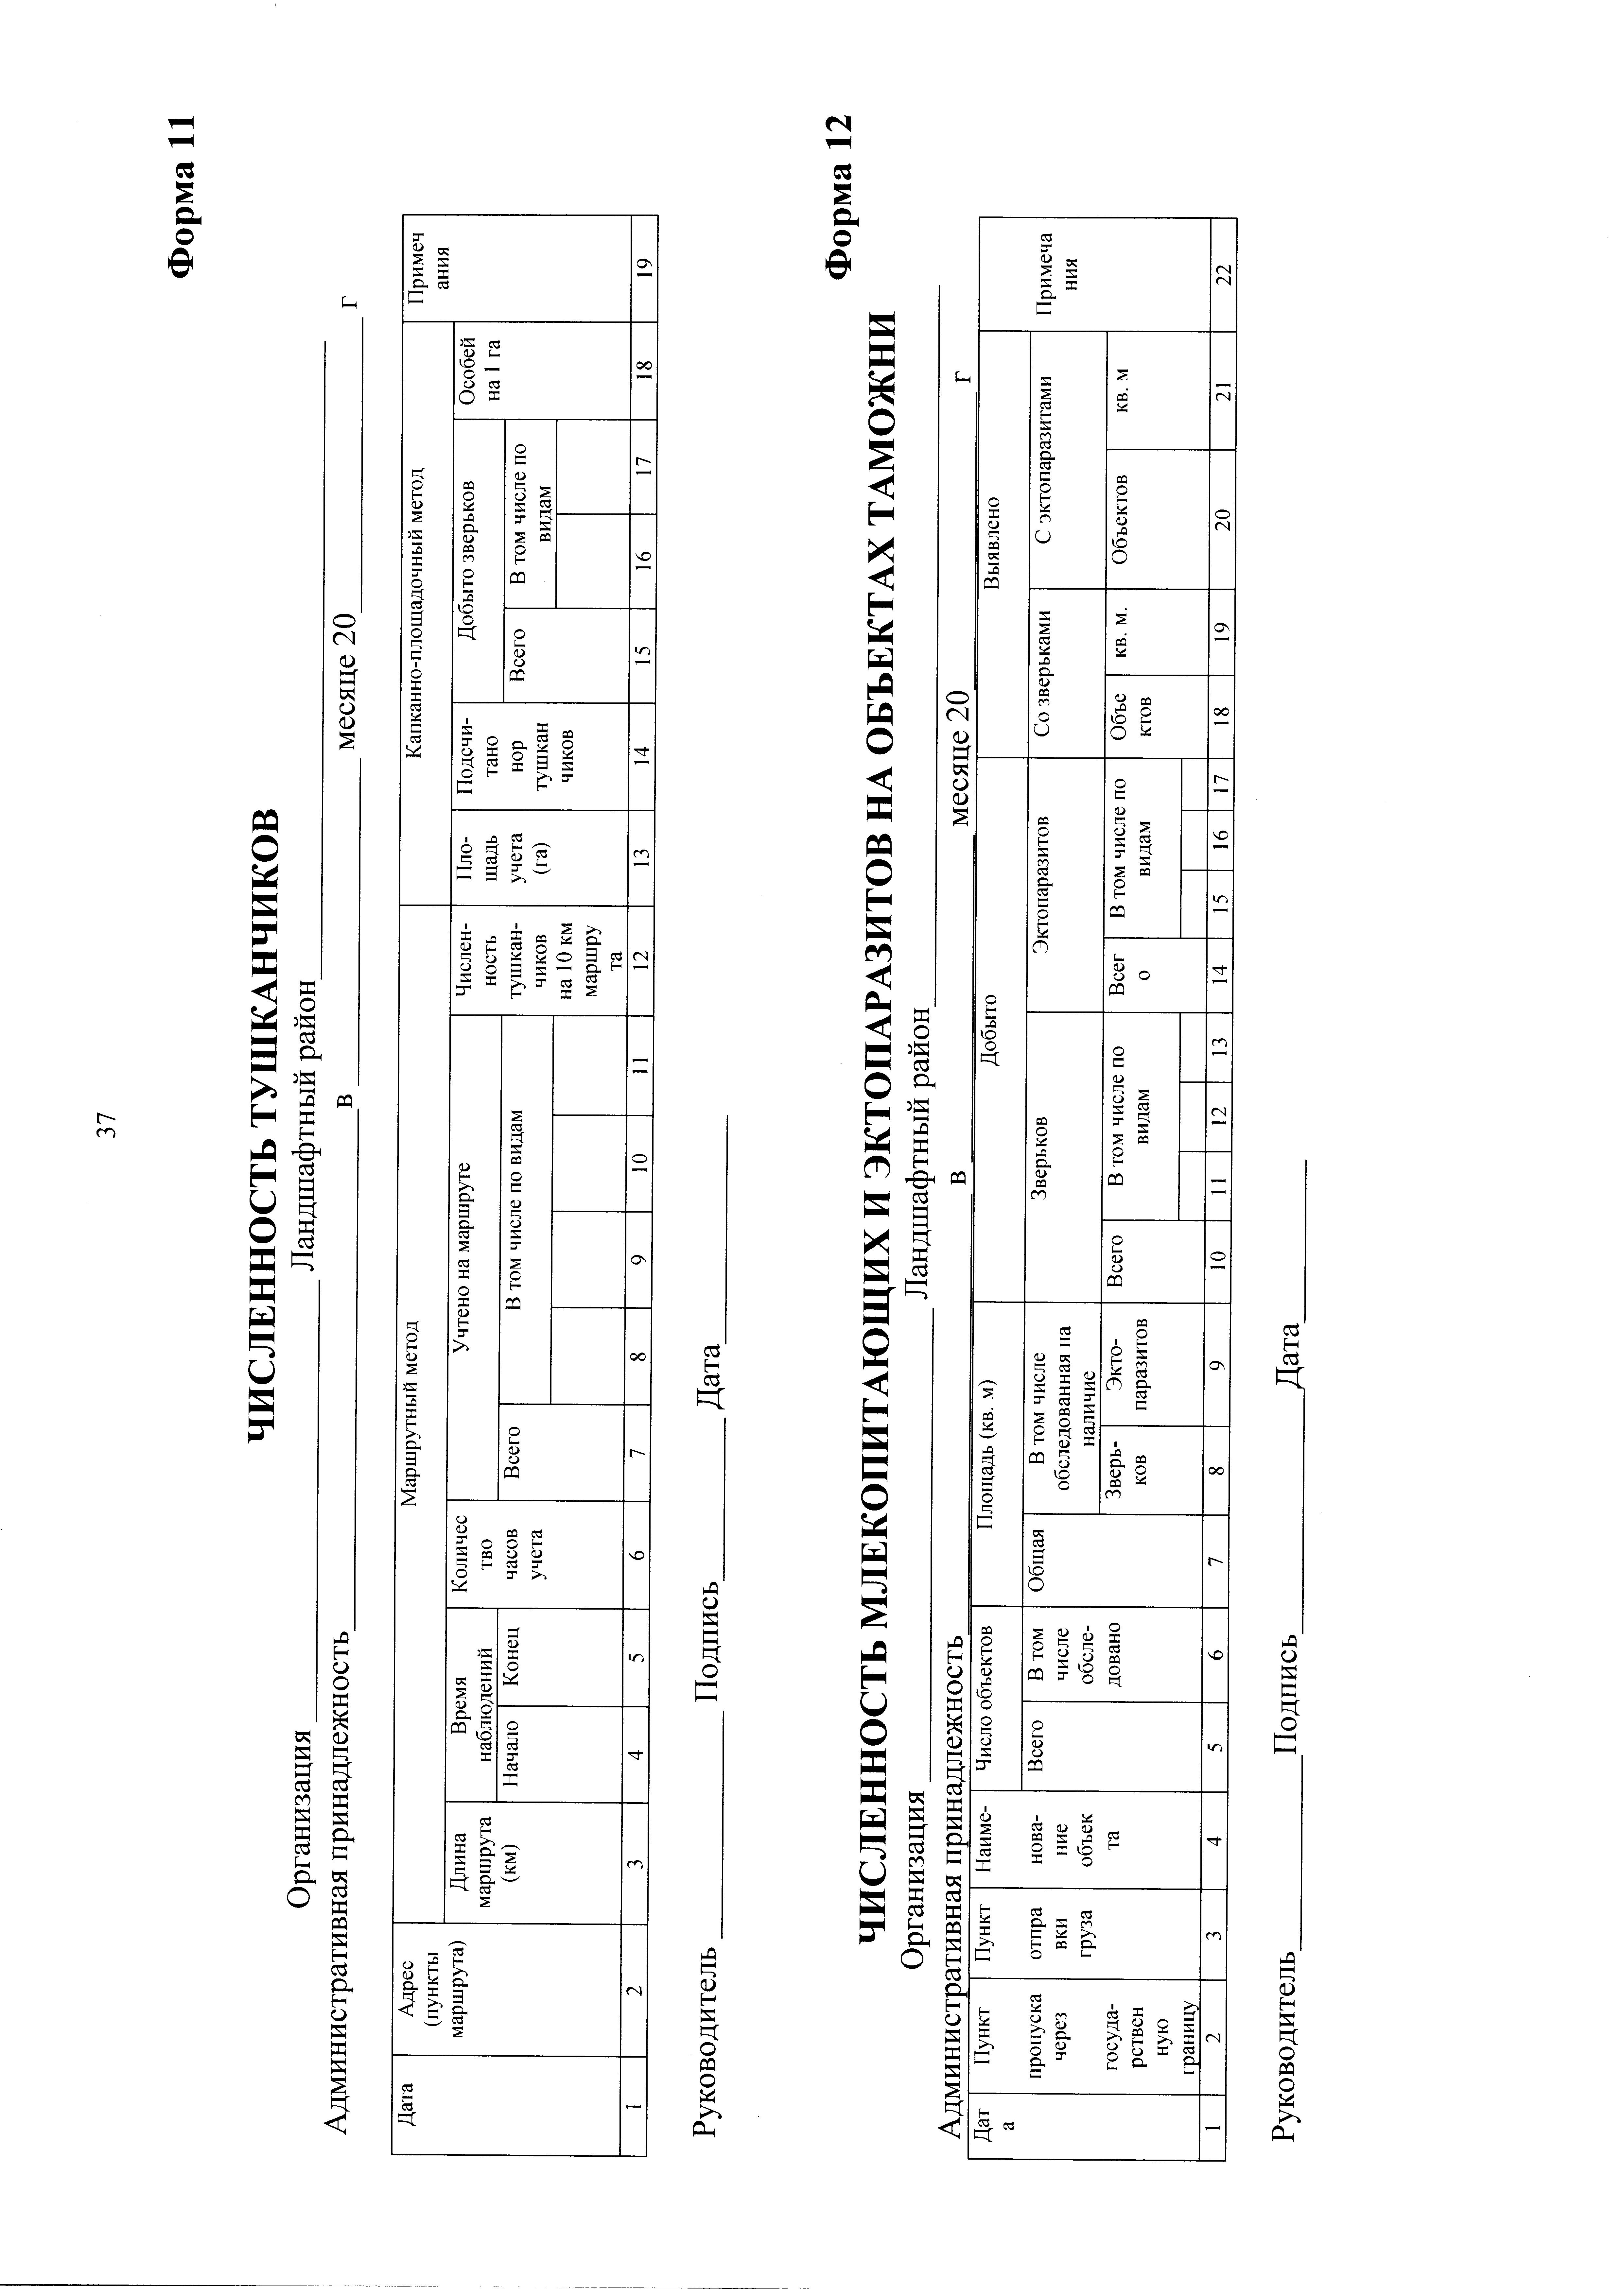 mr-3.1.0211_20-otlov_-uchet-i-prognoz-chislennosti-melkikh-zhivotnykh-i-ptits (1)_Страница_37.png (183 KB)